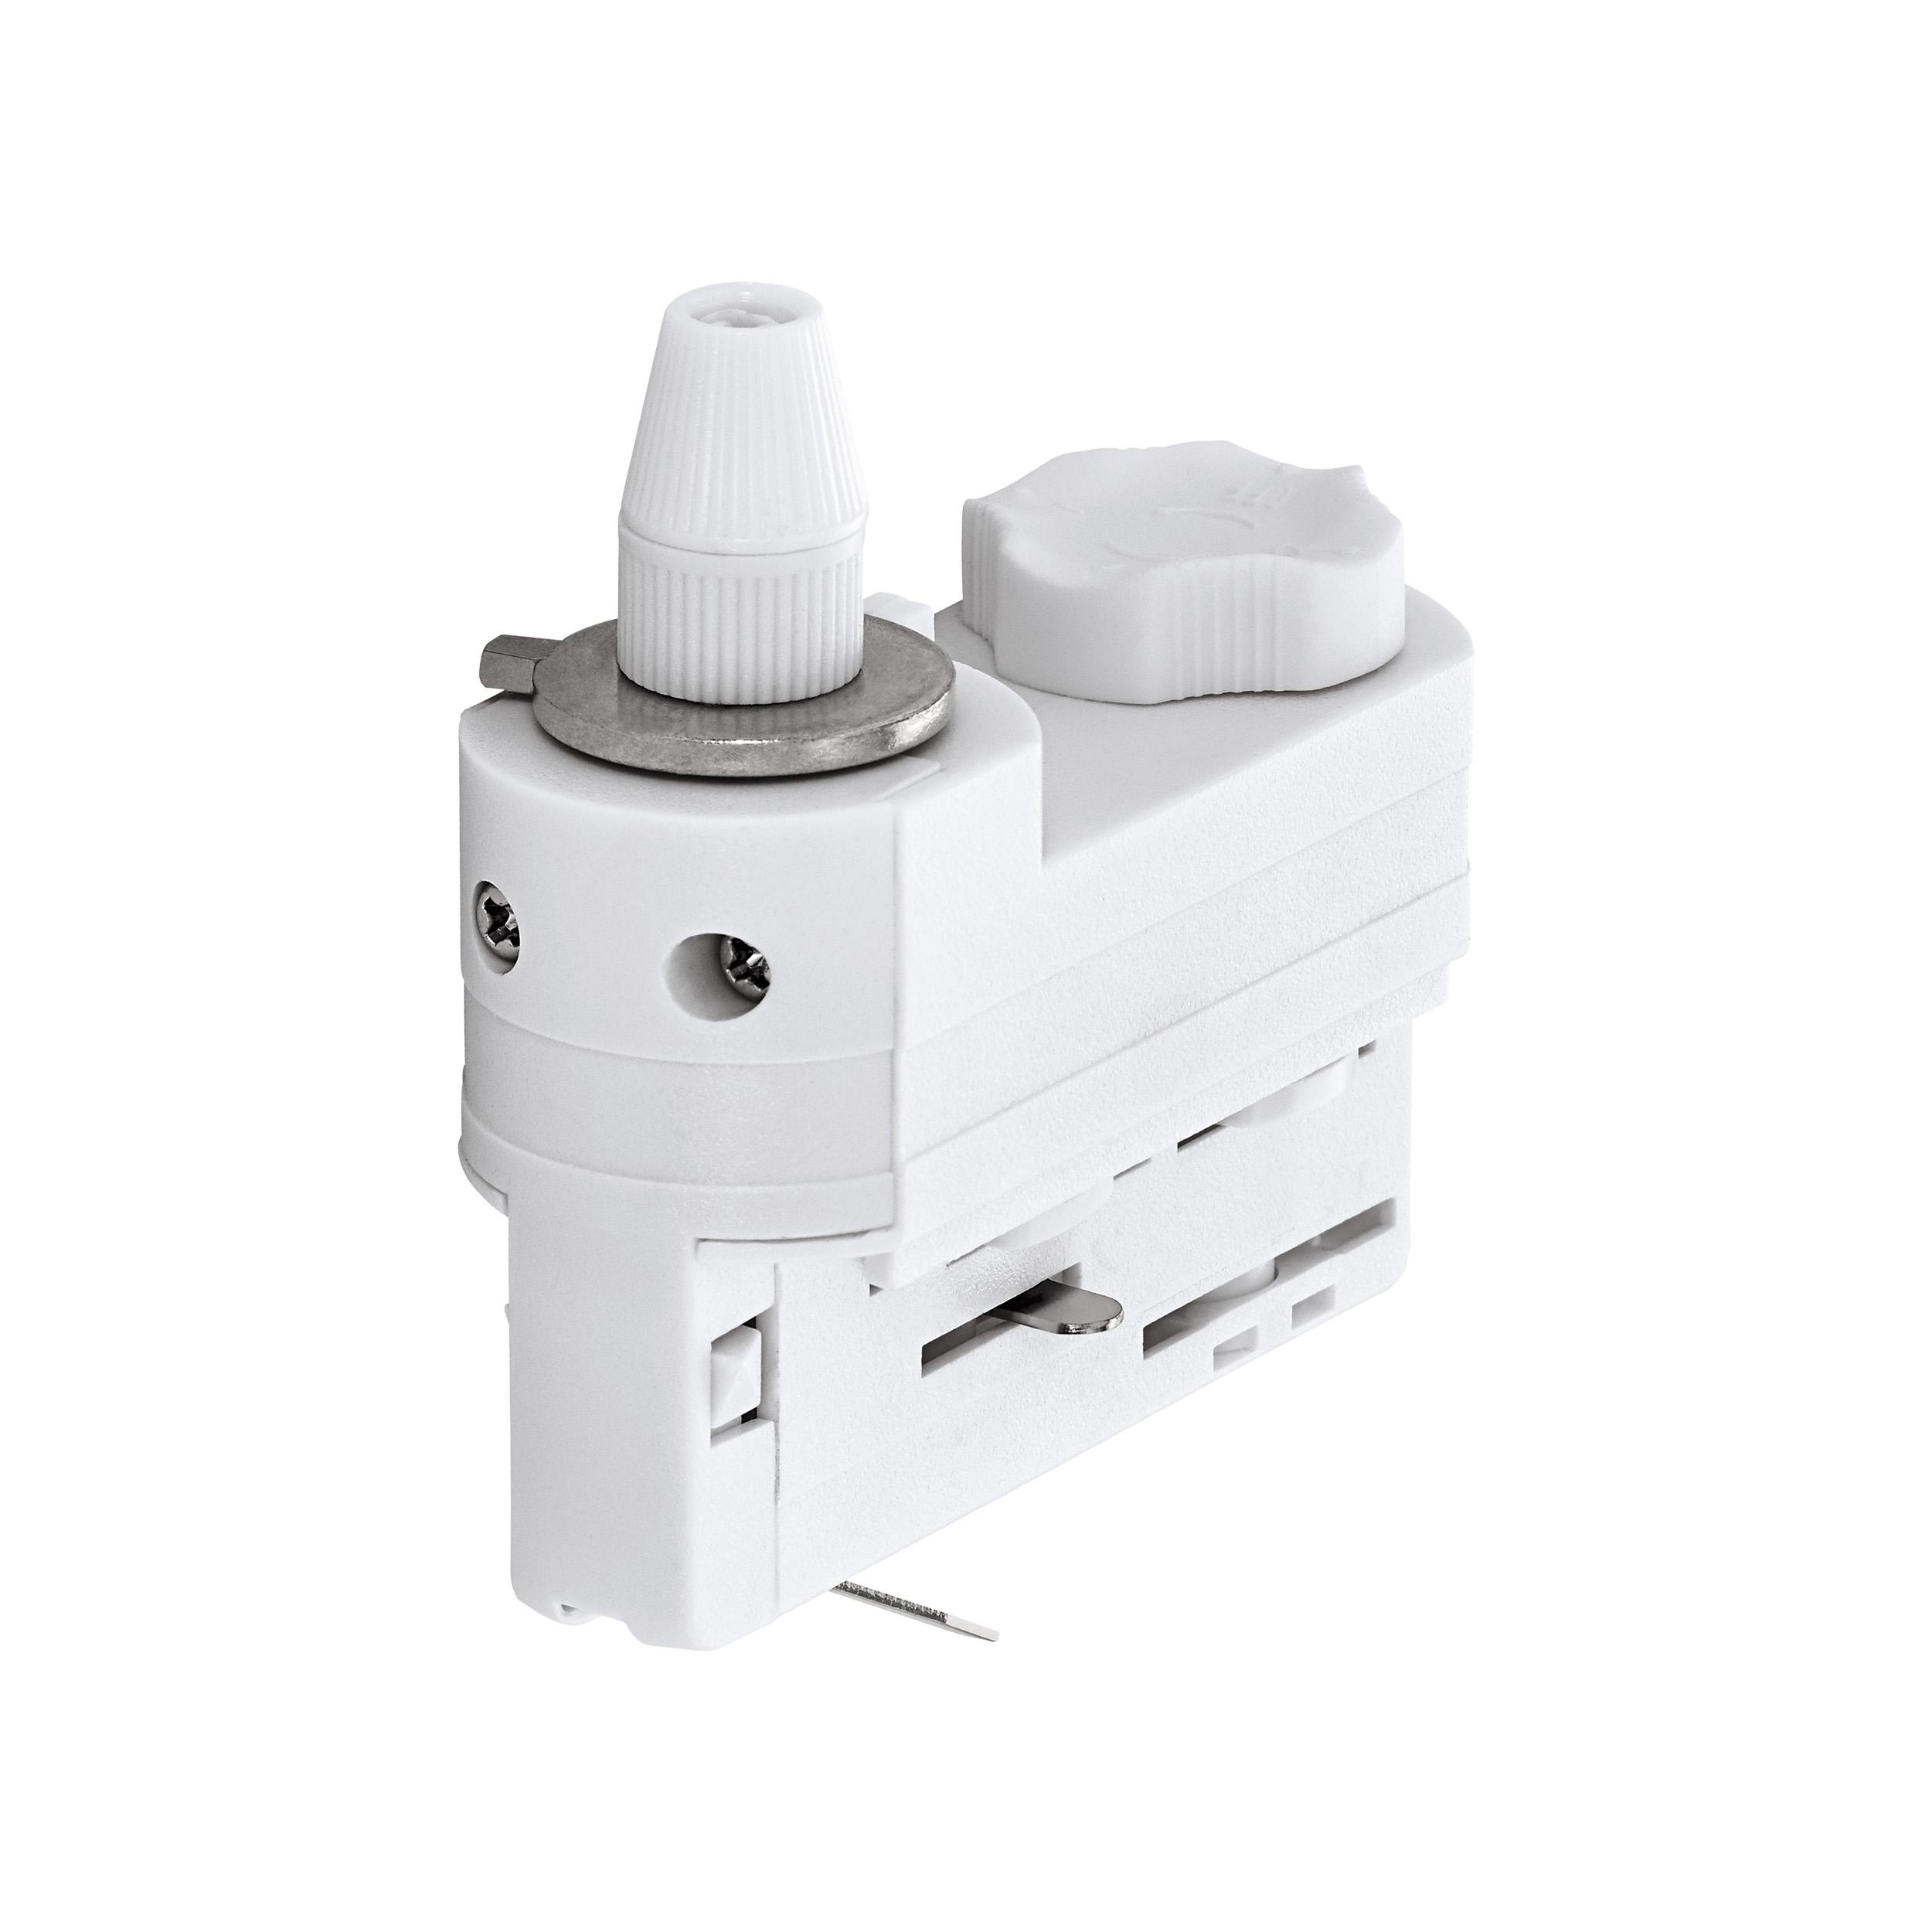 1 Stk 3-Phasen Adapter mit Zugentlastung weiß Kunststoff LI60616---